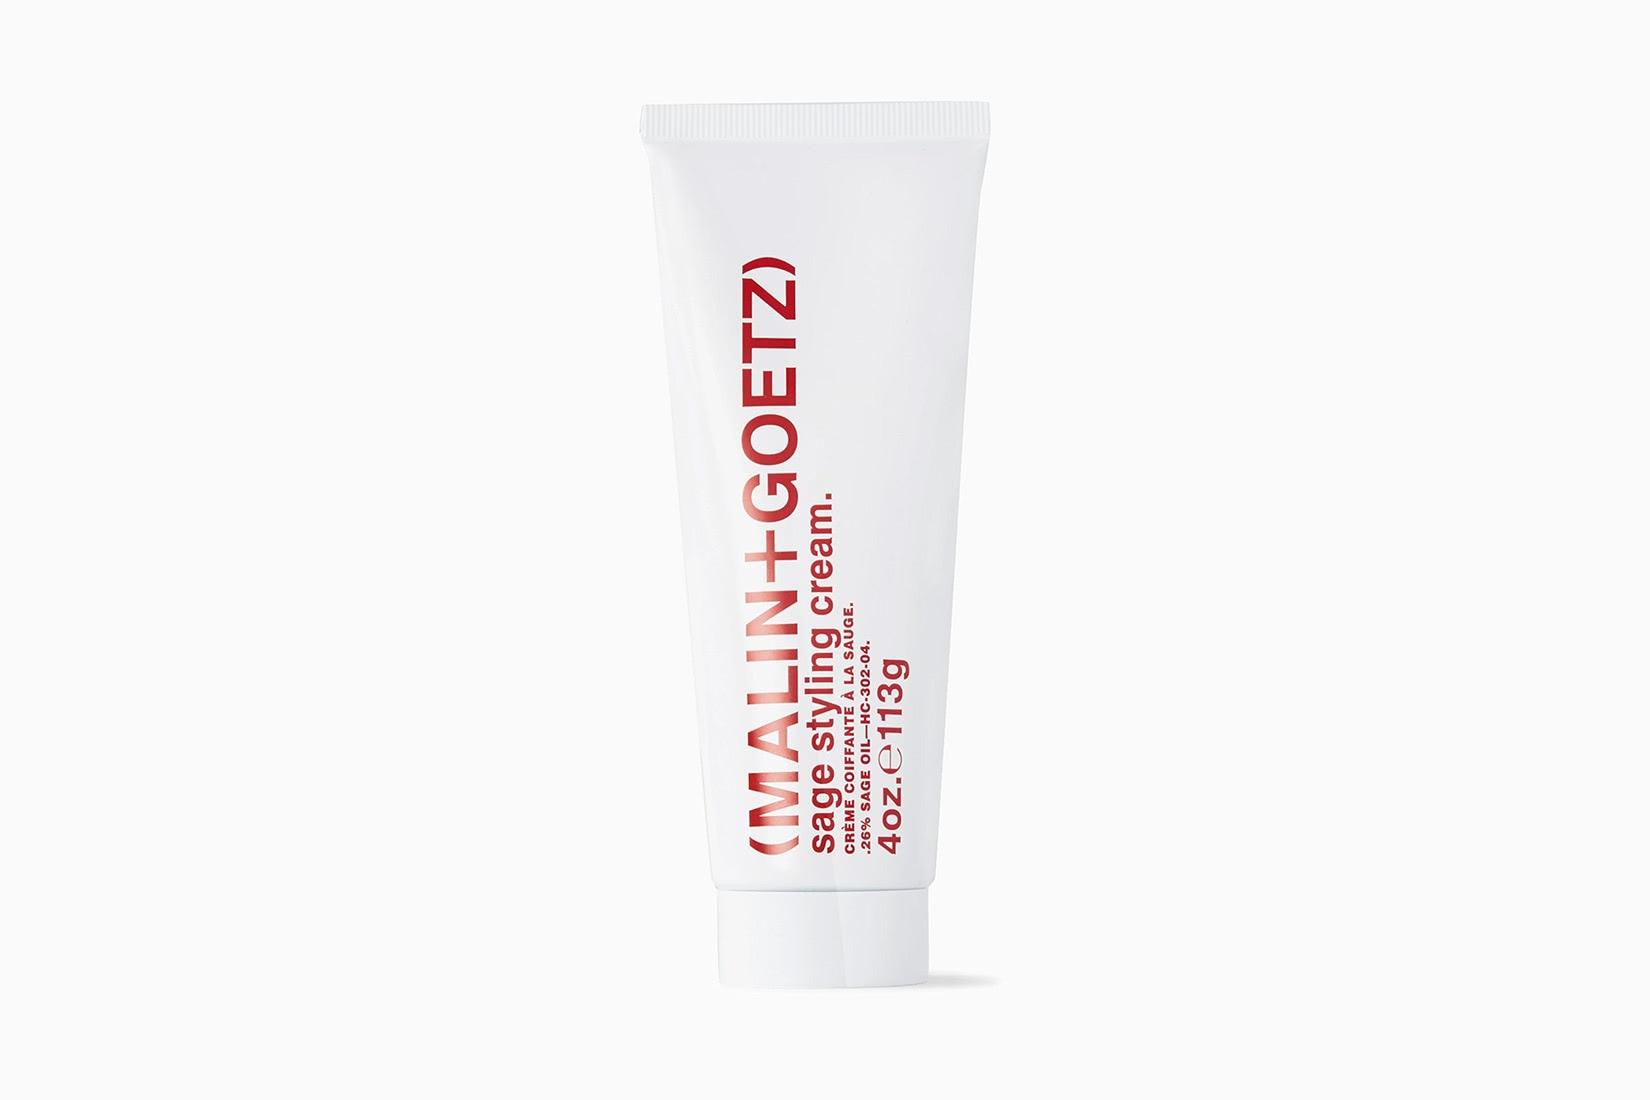 mejores productos para peinar el cabello hombres malin goetz cream luxe digital